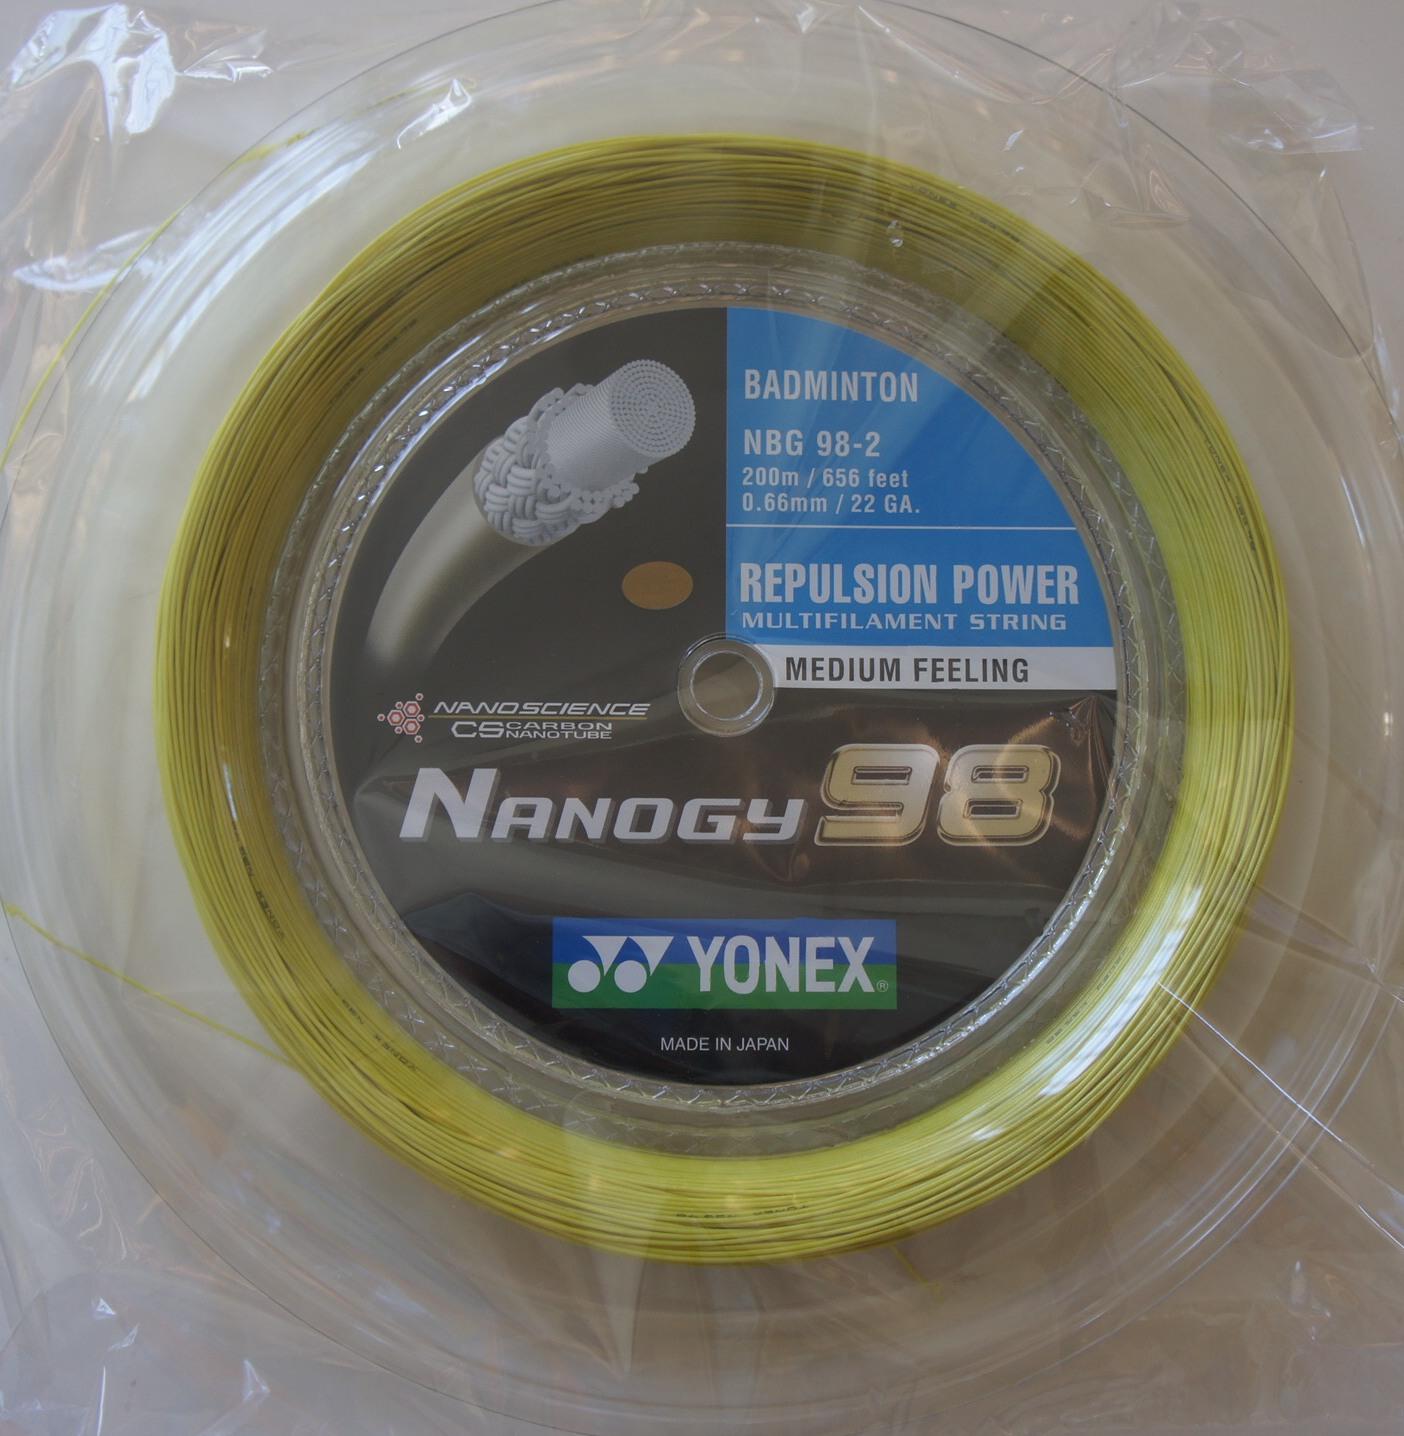 YONEX Nanogy 98 NBG98 Badminton Coil String, 200 m, Yellow ...